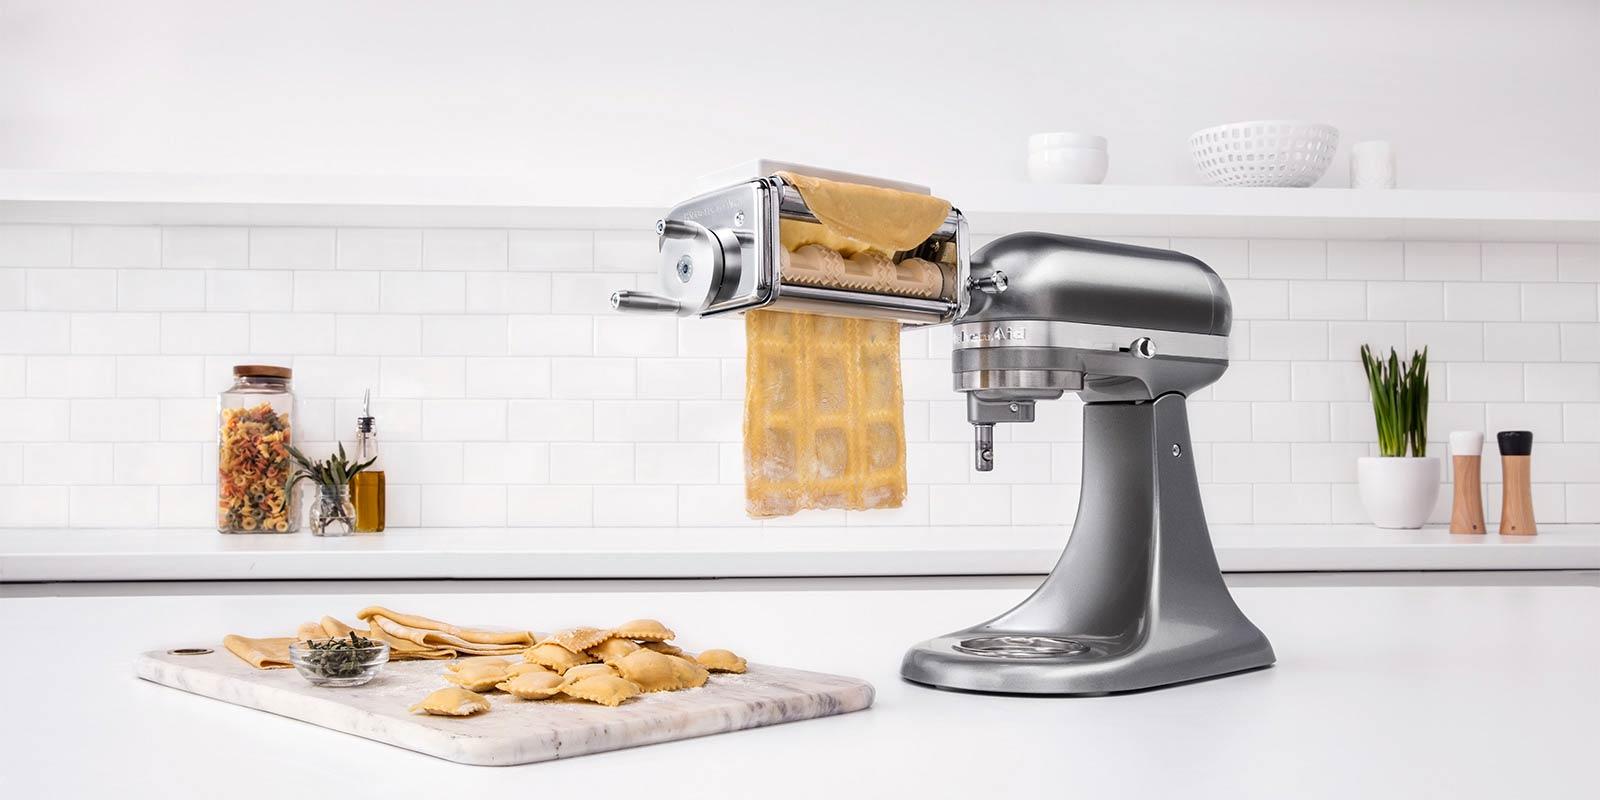 kitchen aid pasta roller trash compactor ravioliaufsatz 5krav   offizielle website von kitchenaid